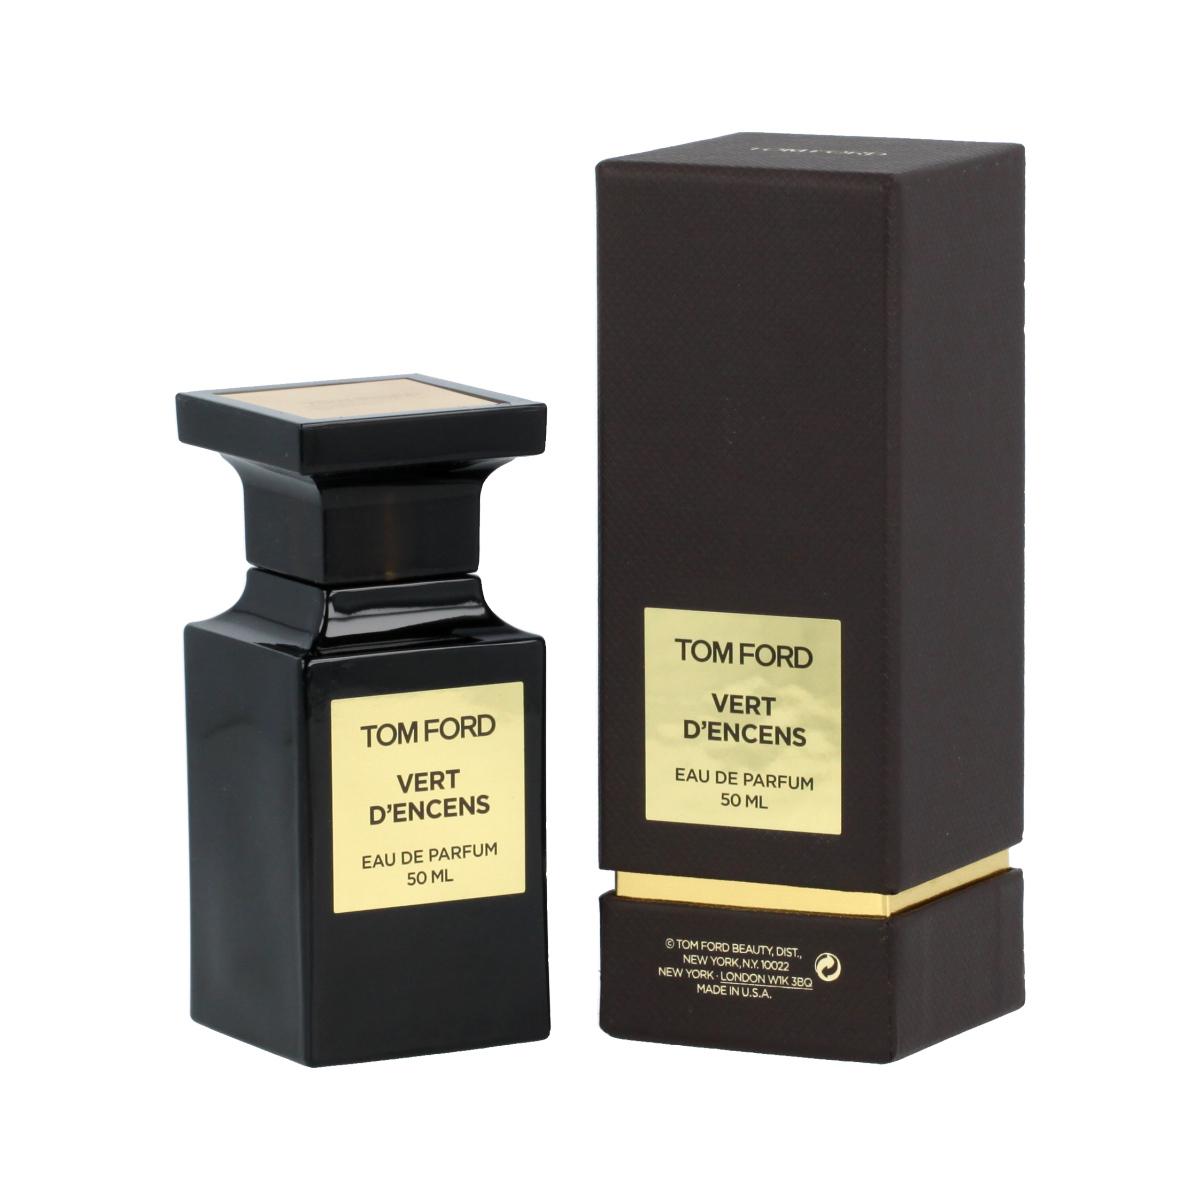 Tom Ford Vert d'Encens Eau De Parfum 50 ml